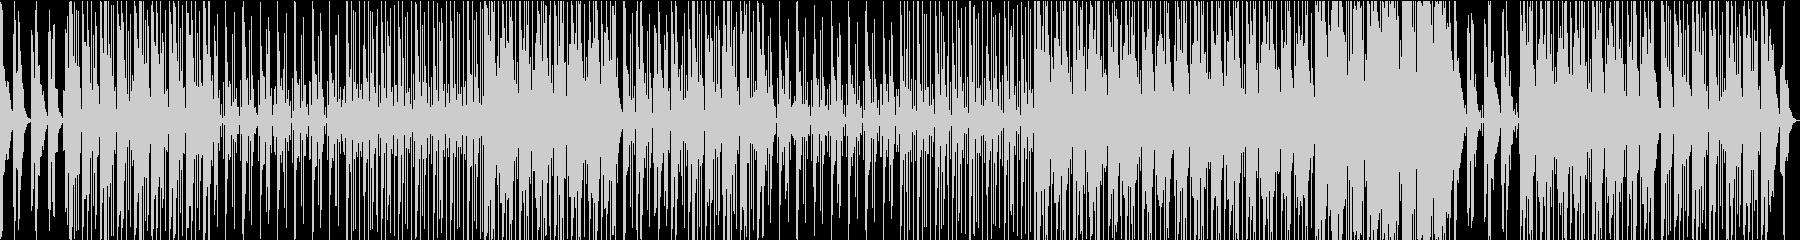 シティポップ/R&B_No460_1の未再生の波形